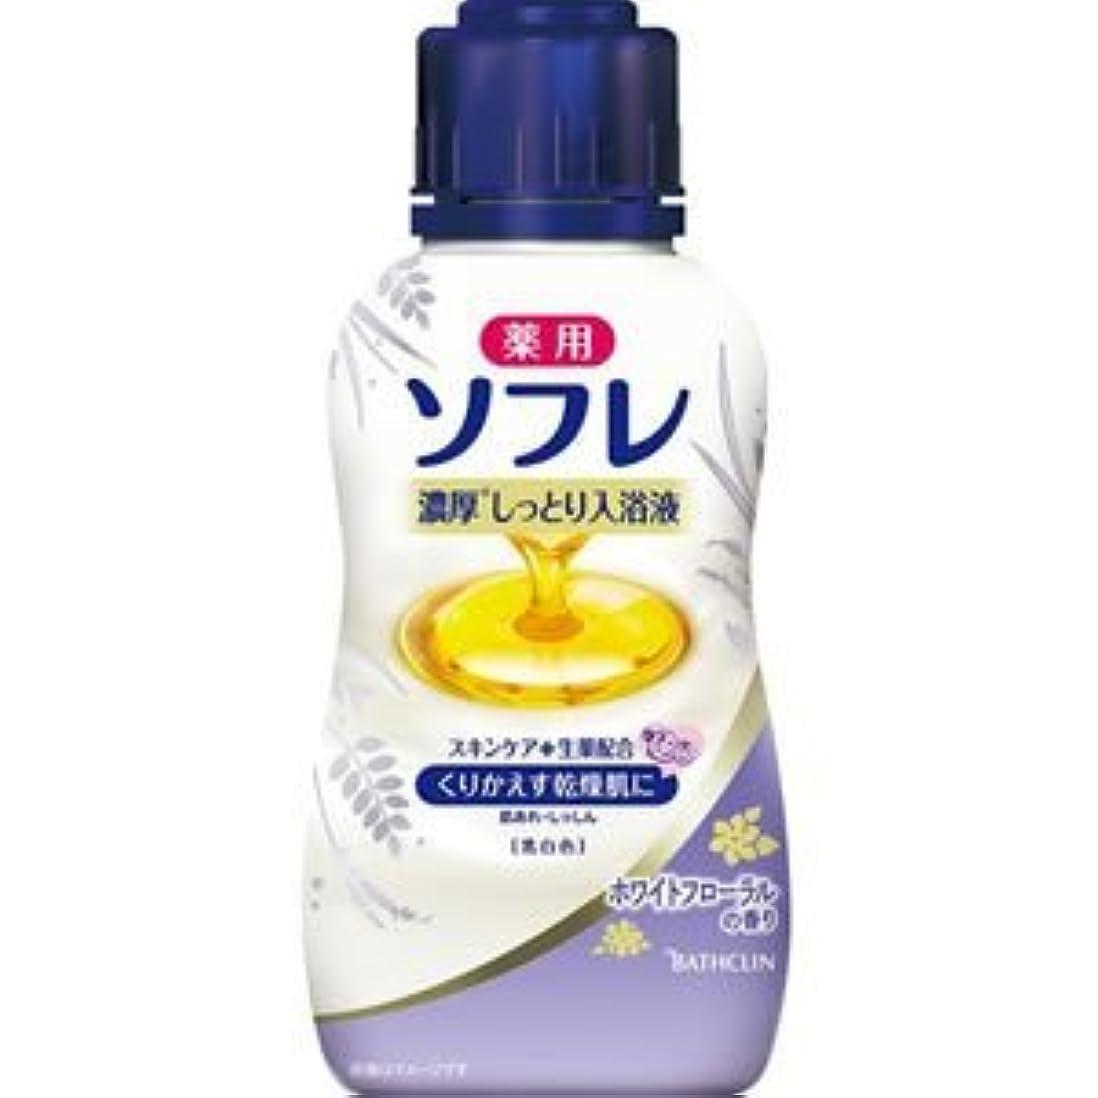 (バスクリン)薬用ソフレ 濃厚しっとり入浴液(ホワイトフローラルの香り)480ml(医薬部外品)